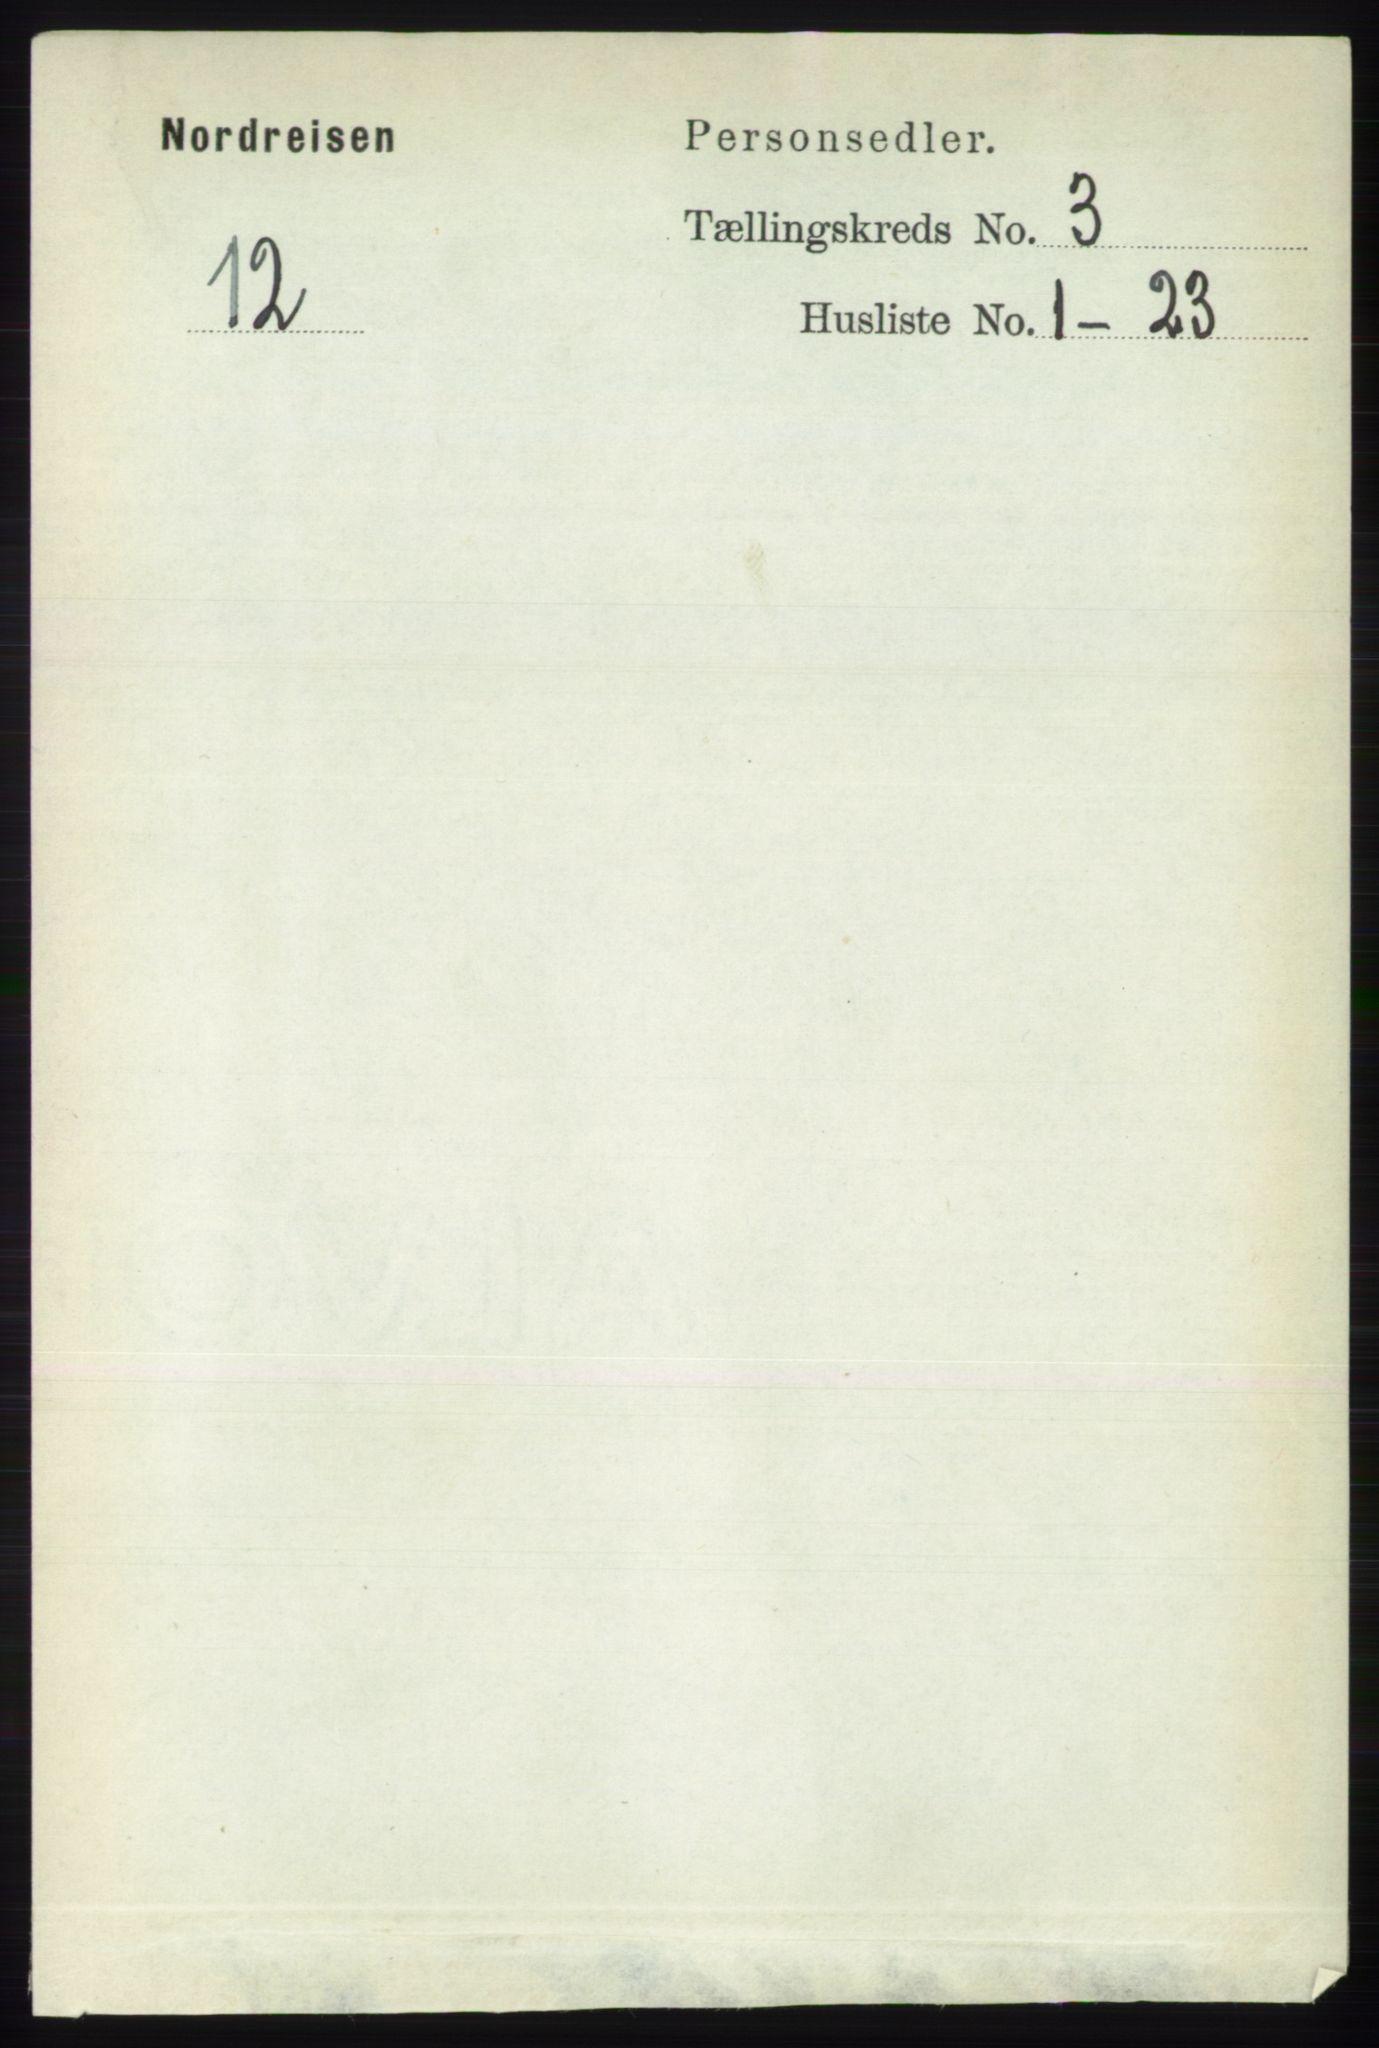 RA, Folketelling 1891 for 1942 Nordreisa herred, 1891, s. 1324